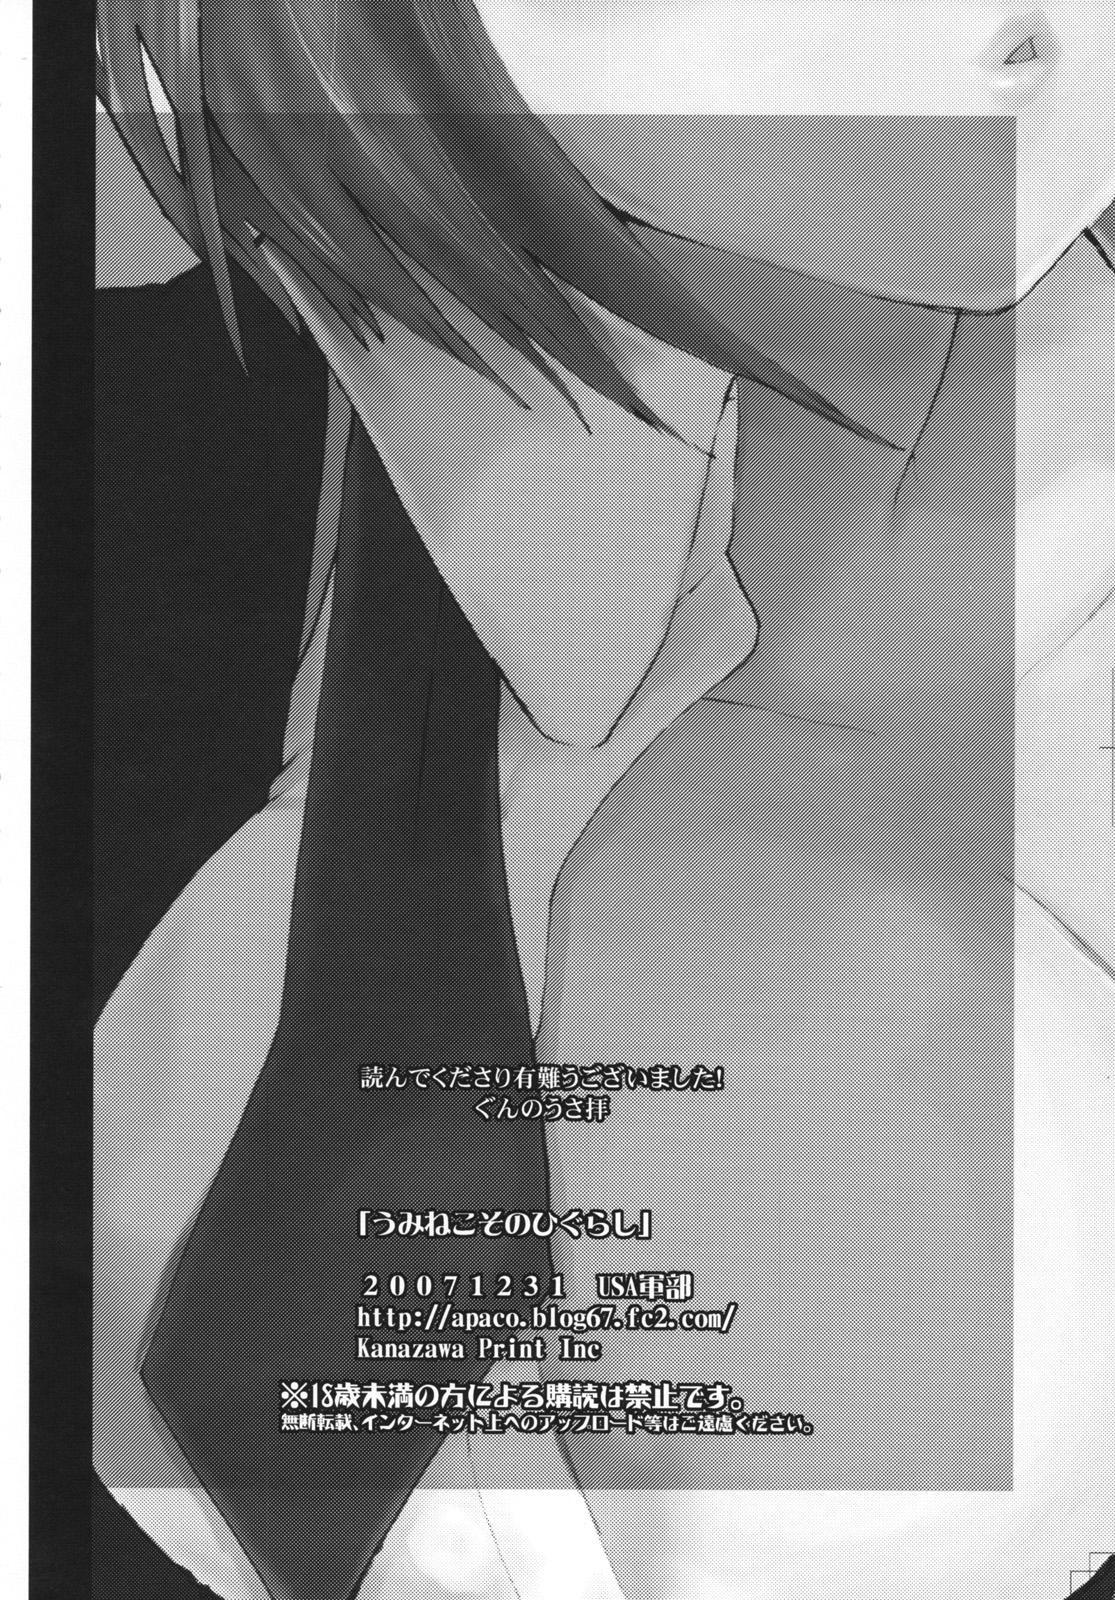 Umineko sono higurashi 28